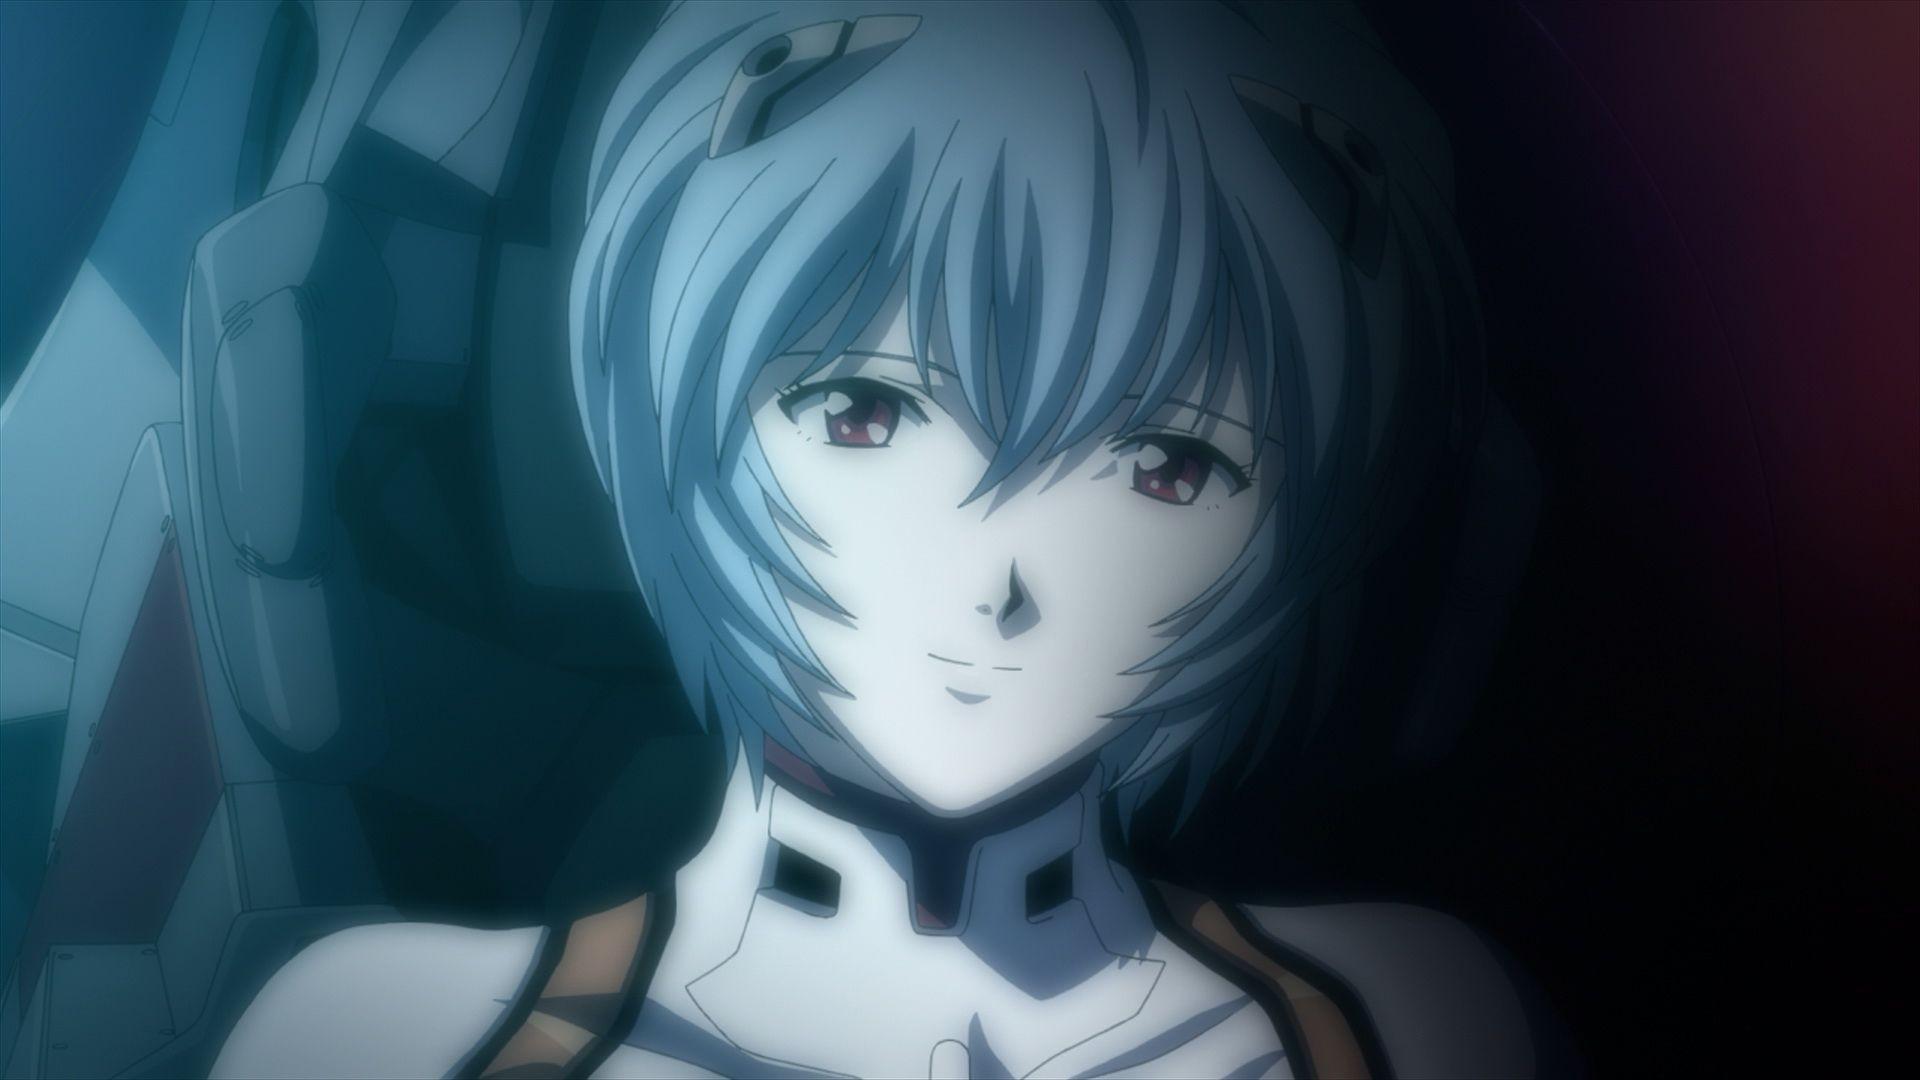 Ayanami Rei – Neon Genesis Evangelion HD Wallpaper 1920×1080